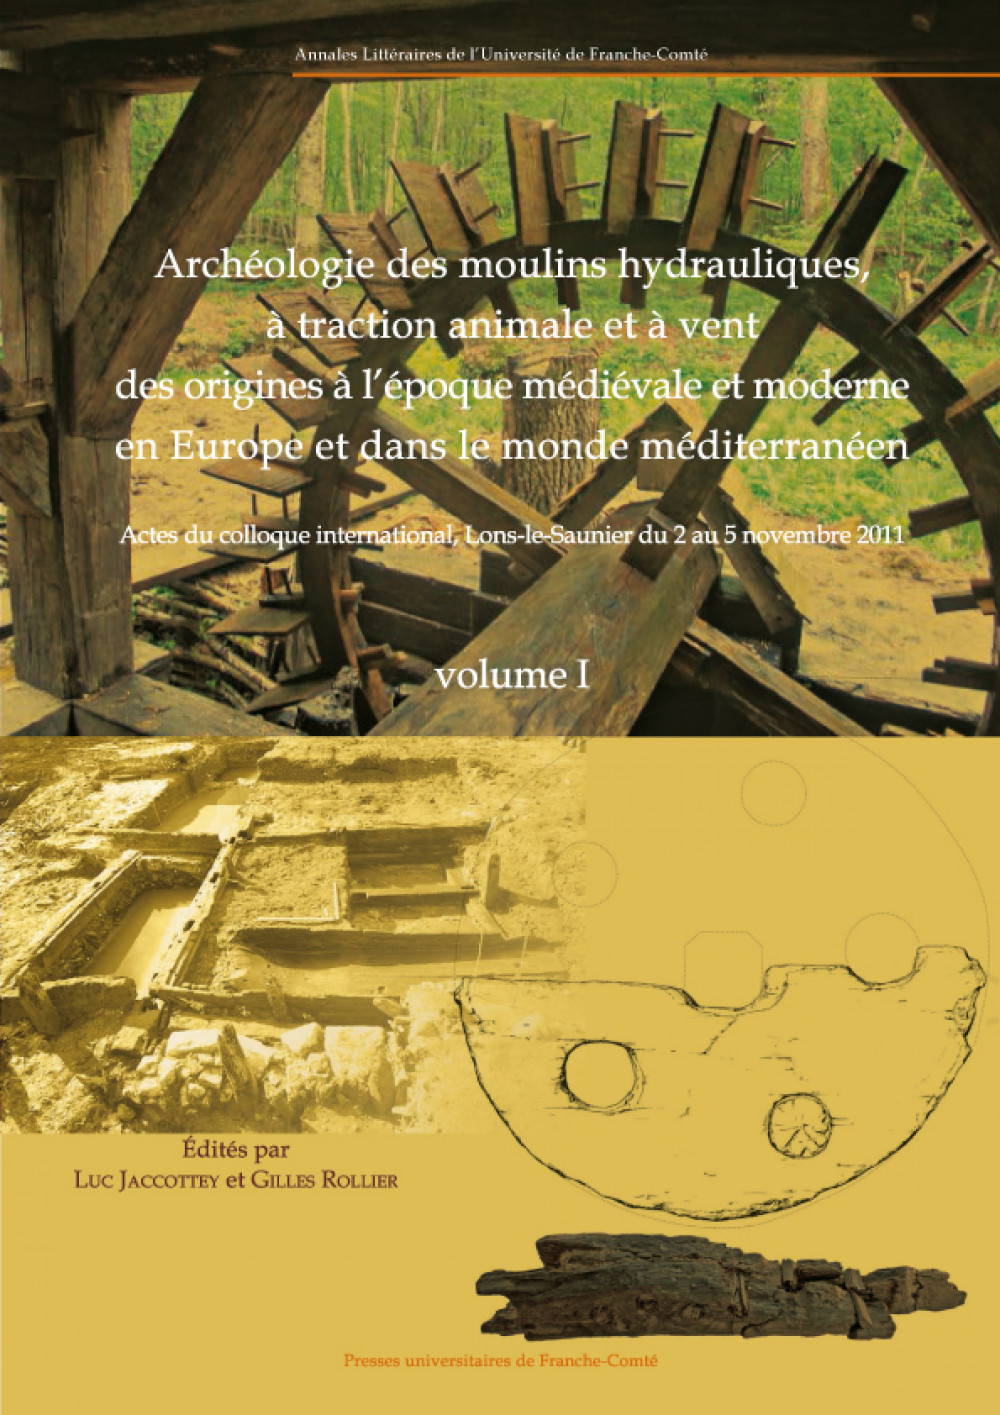 Archéologie des moulins hydrauliques, à traction animale et à vent, des origines à l'époque médiévale